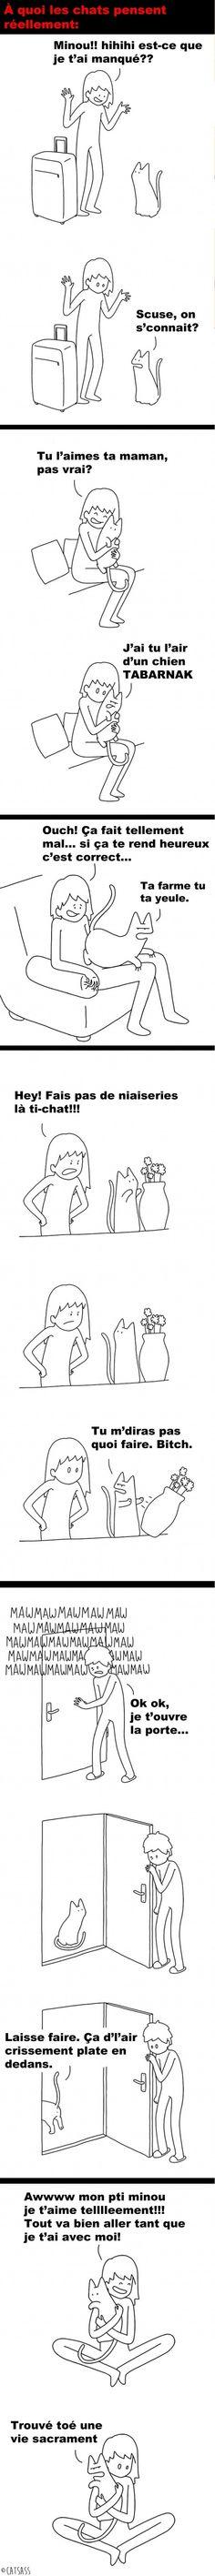 À quoi pensent réellement les chats